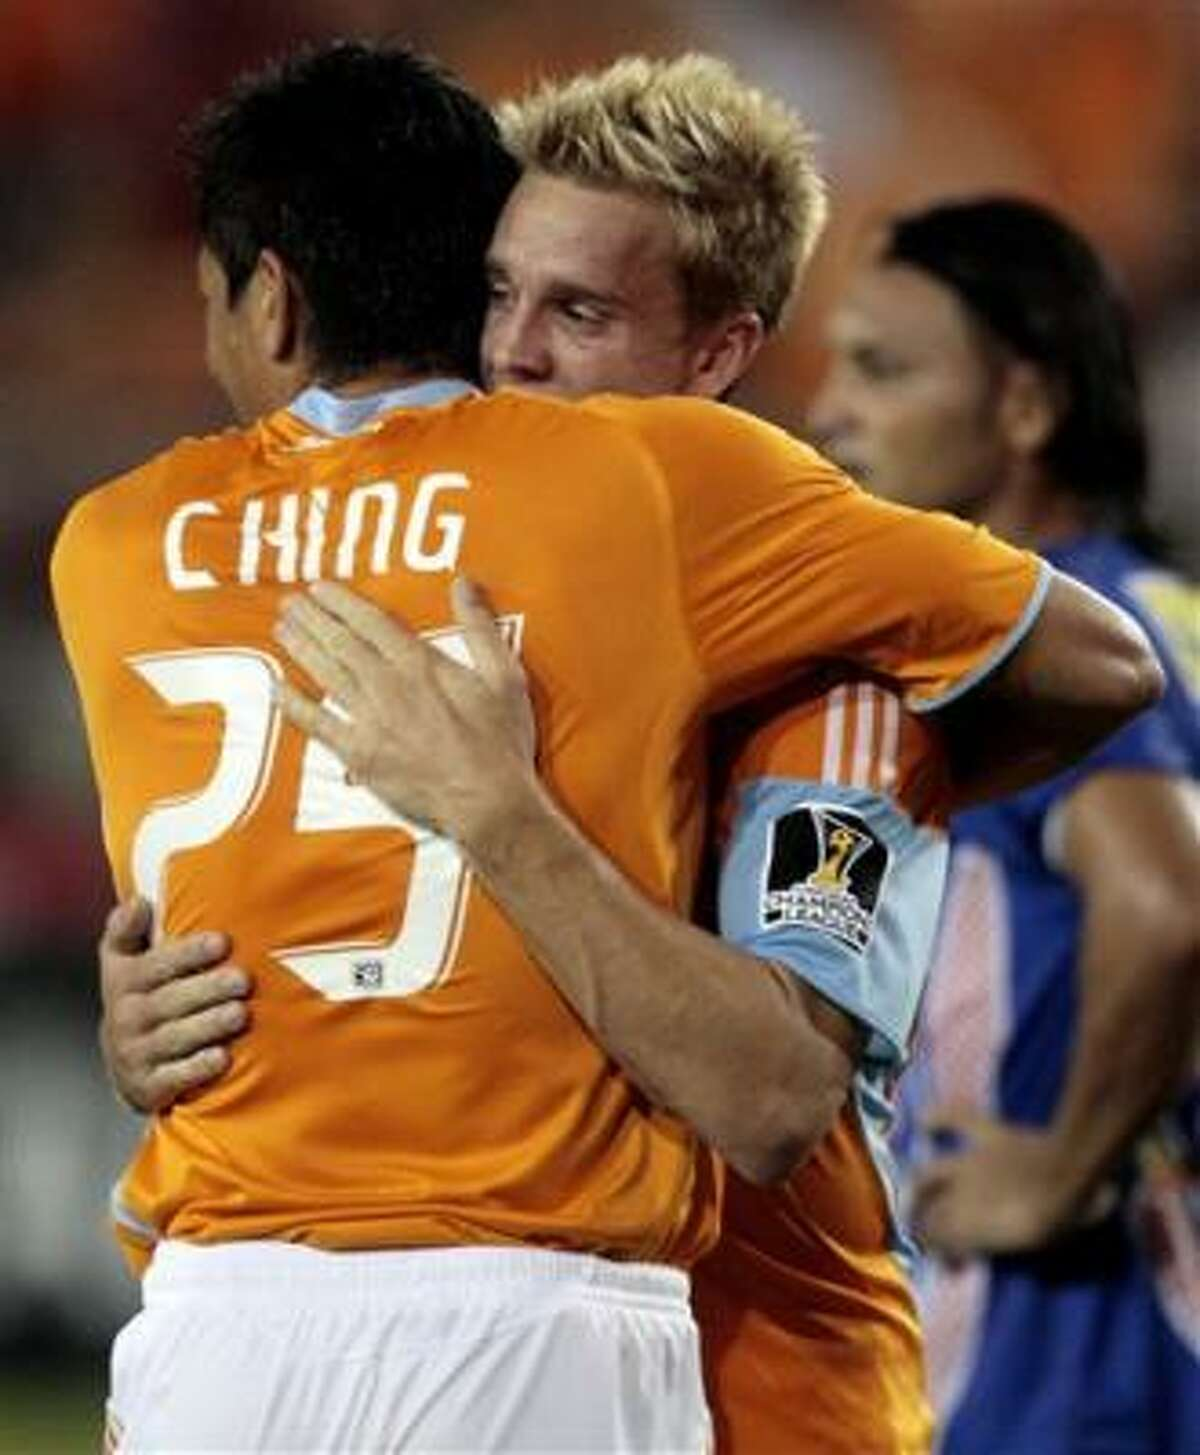 Brian Ching, del Dynamo de Houston, es felicitado por su compañero Stuart Holden, tras anotar frente al Isidro Metapán de El Salvador, en un partido de la Liga de Campeones de la Concacaf, el miércoles 19 de agosto del 2009